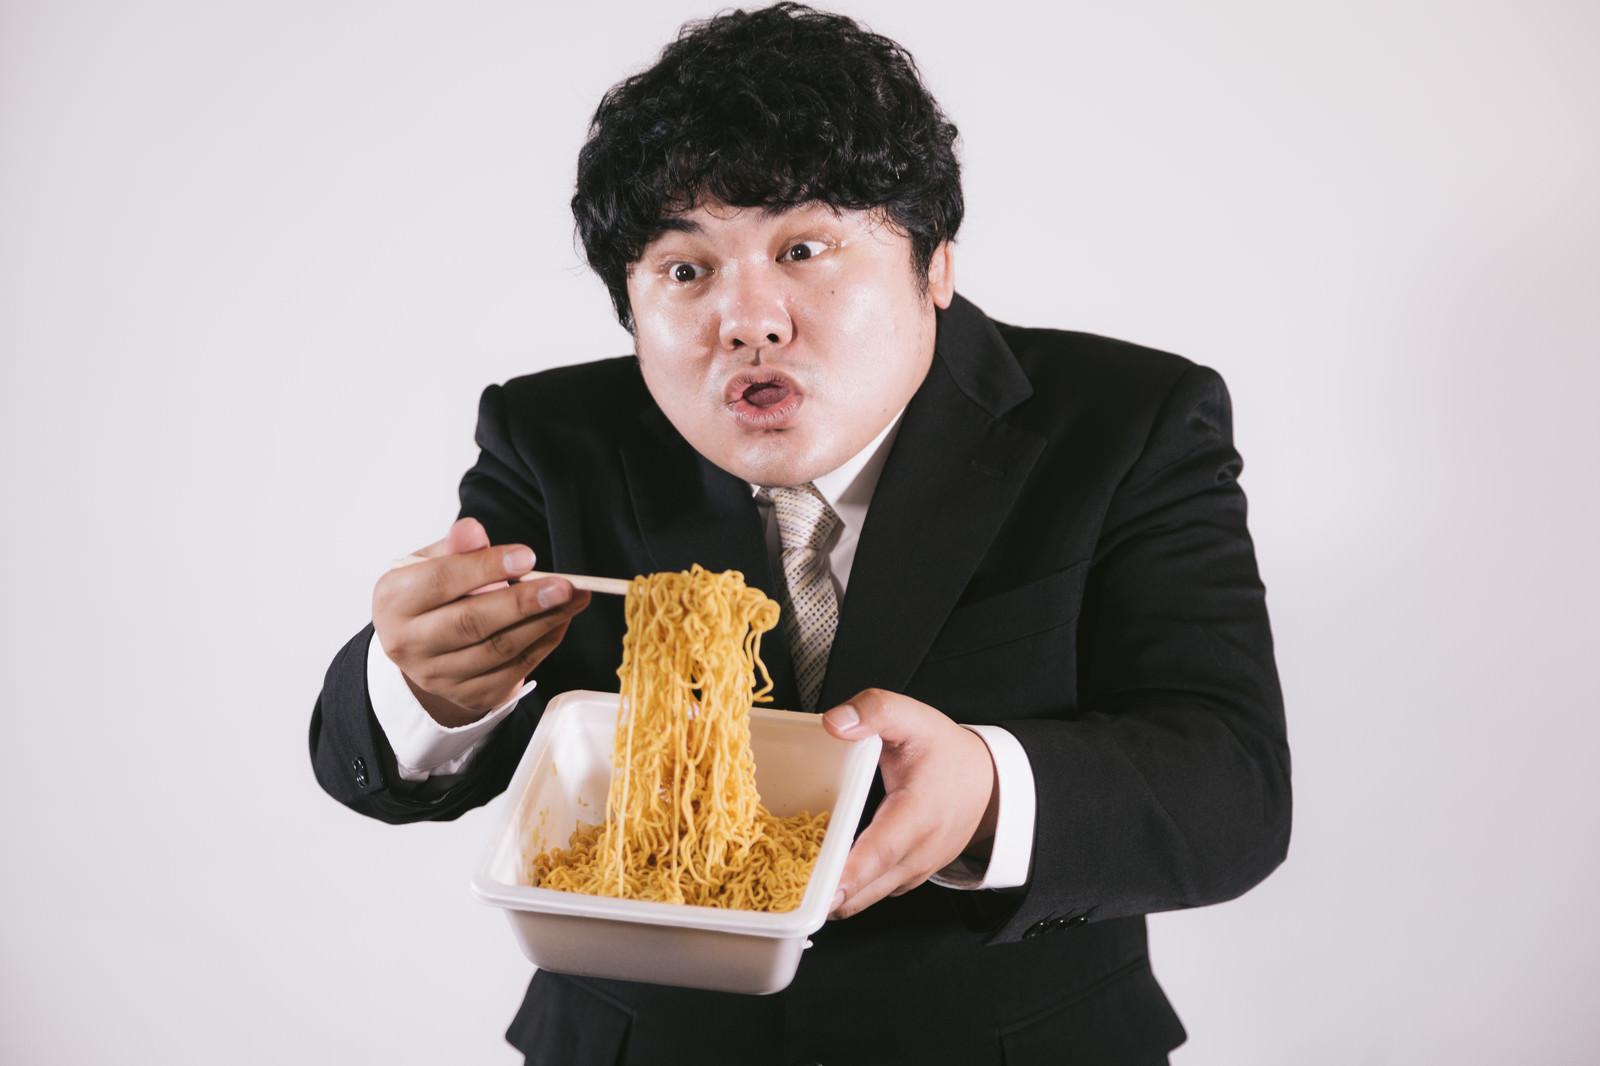 「ソースコード焼きそば食べる?なんつって」の写真[モデル:段田隼人]